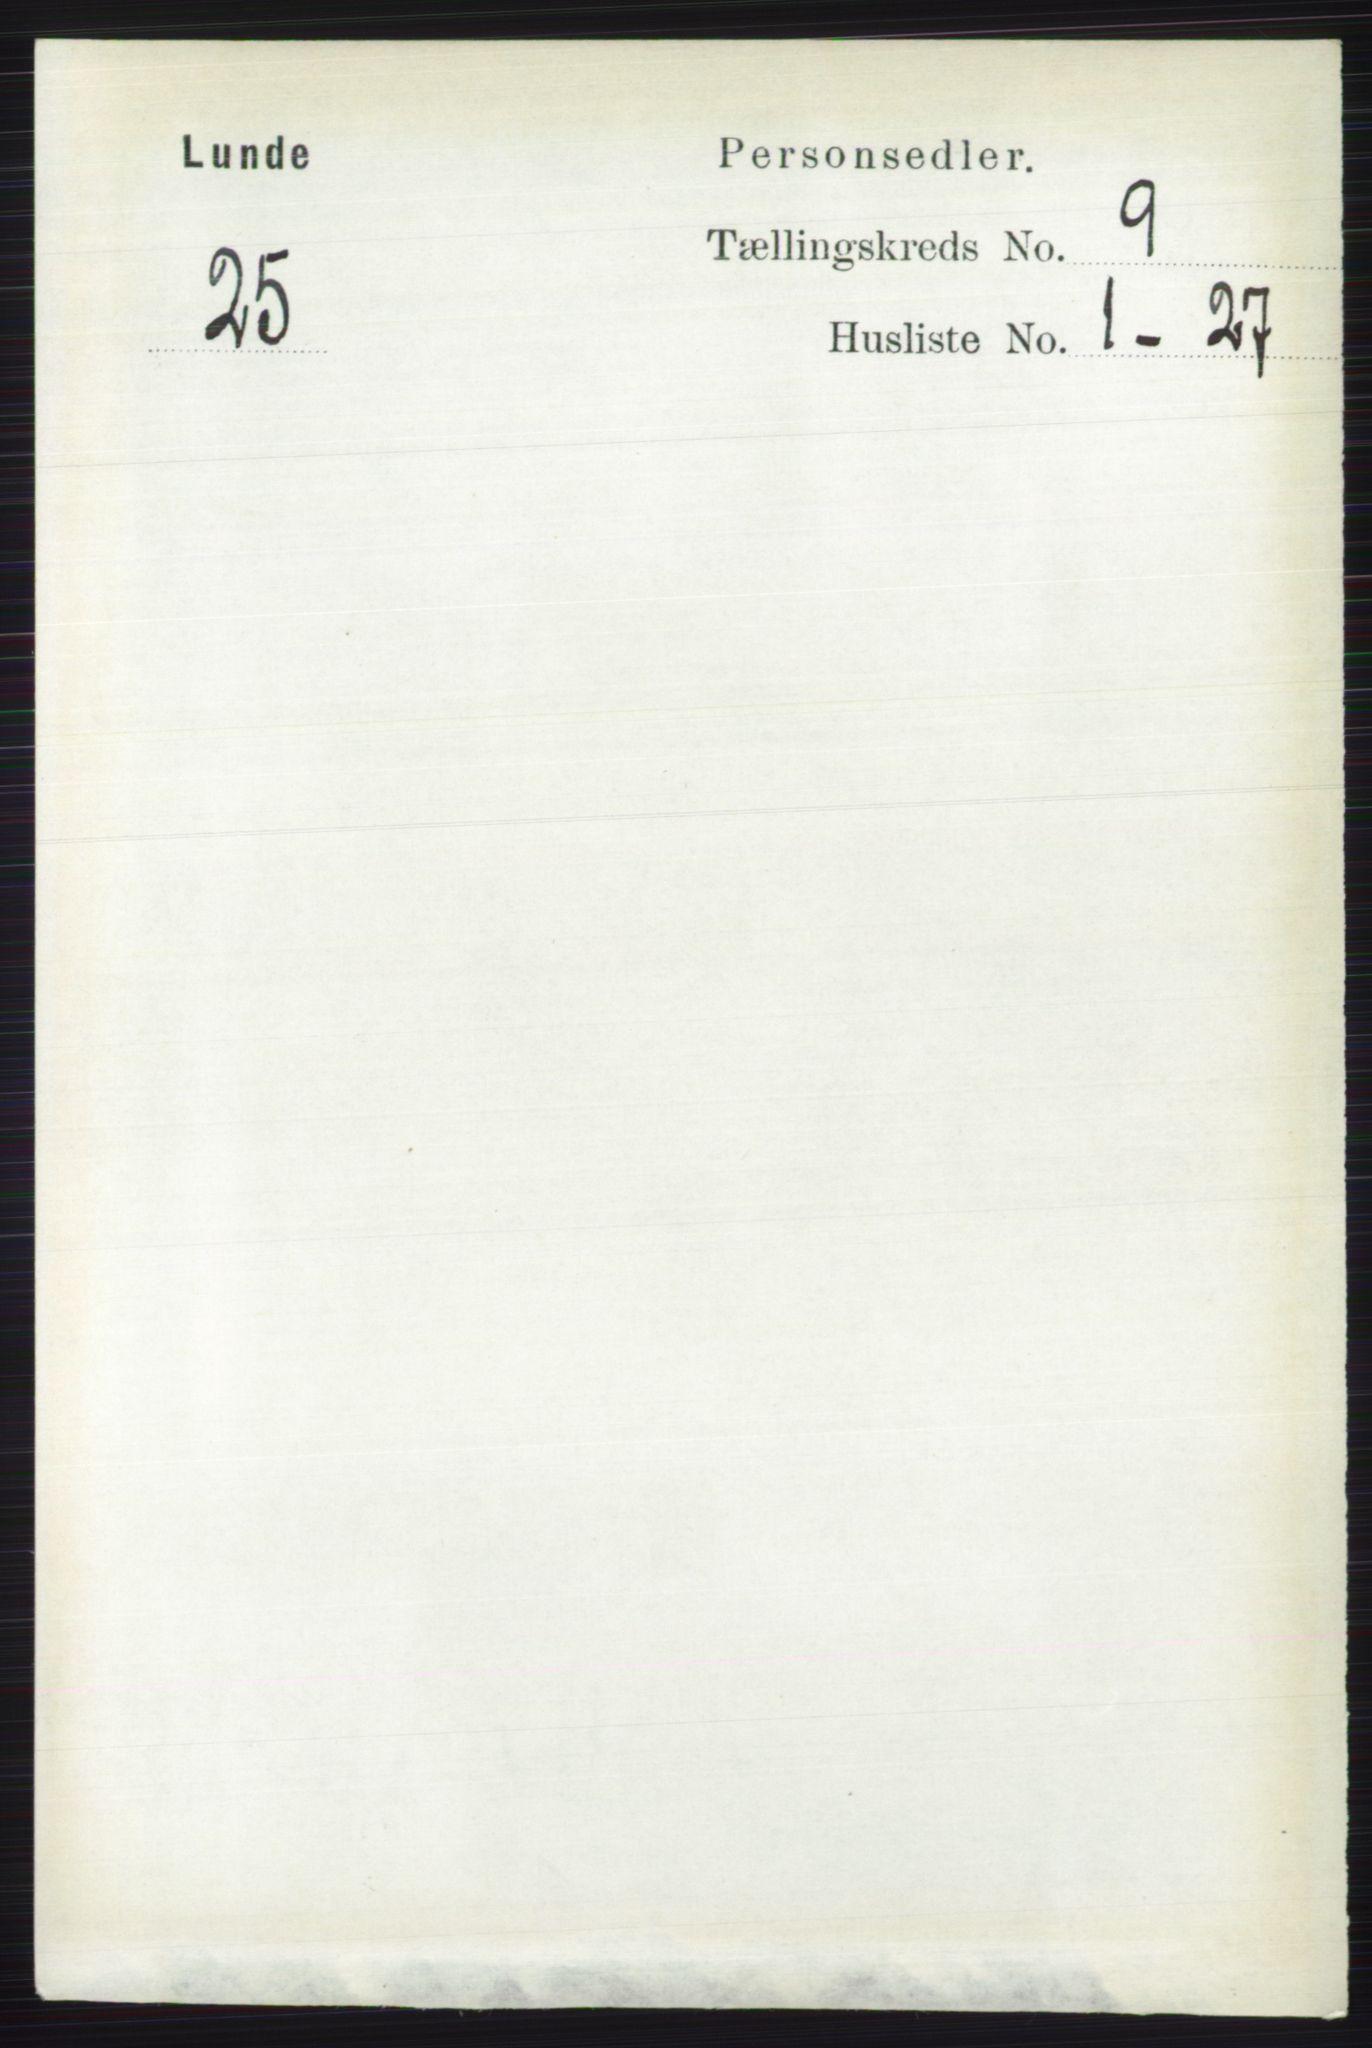 RA, Folketelling 1891 for 0820 Lunde herred, 1891, s. 2722